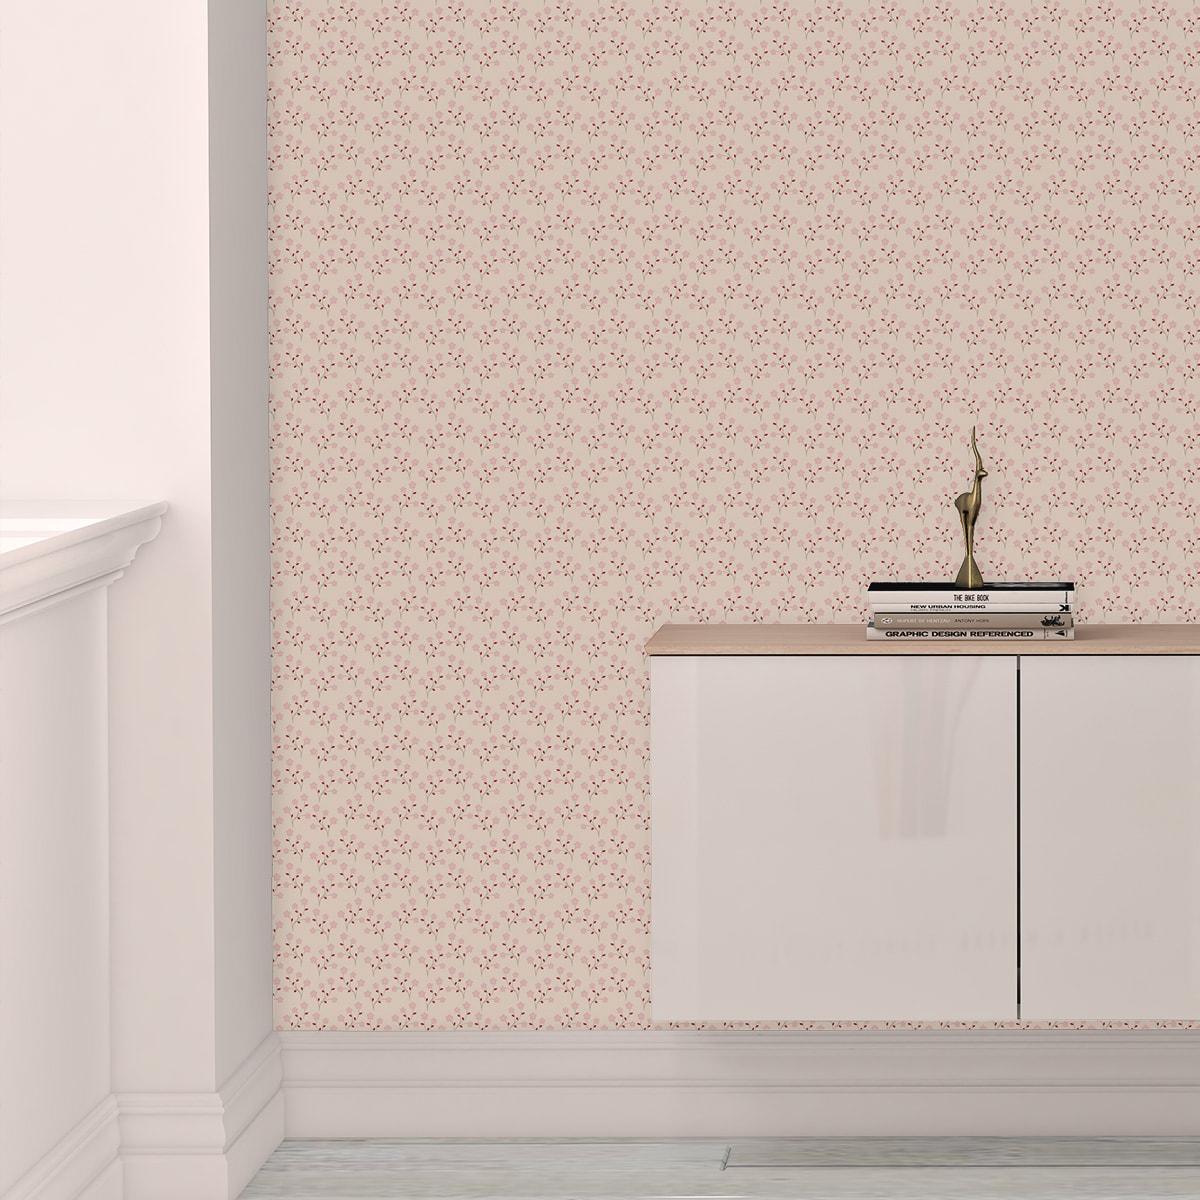 """Tapete für Büroräume pink: Zarte Tapete """"Kohana"""" mit kleinen Blüten, rosa Vlies Tapete Blumen, delikate, leichte Blumentapete für Flur, Büro"""